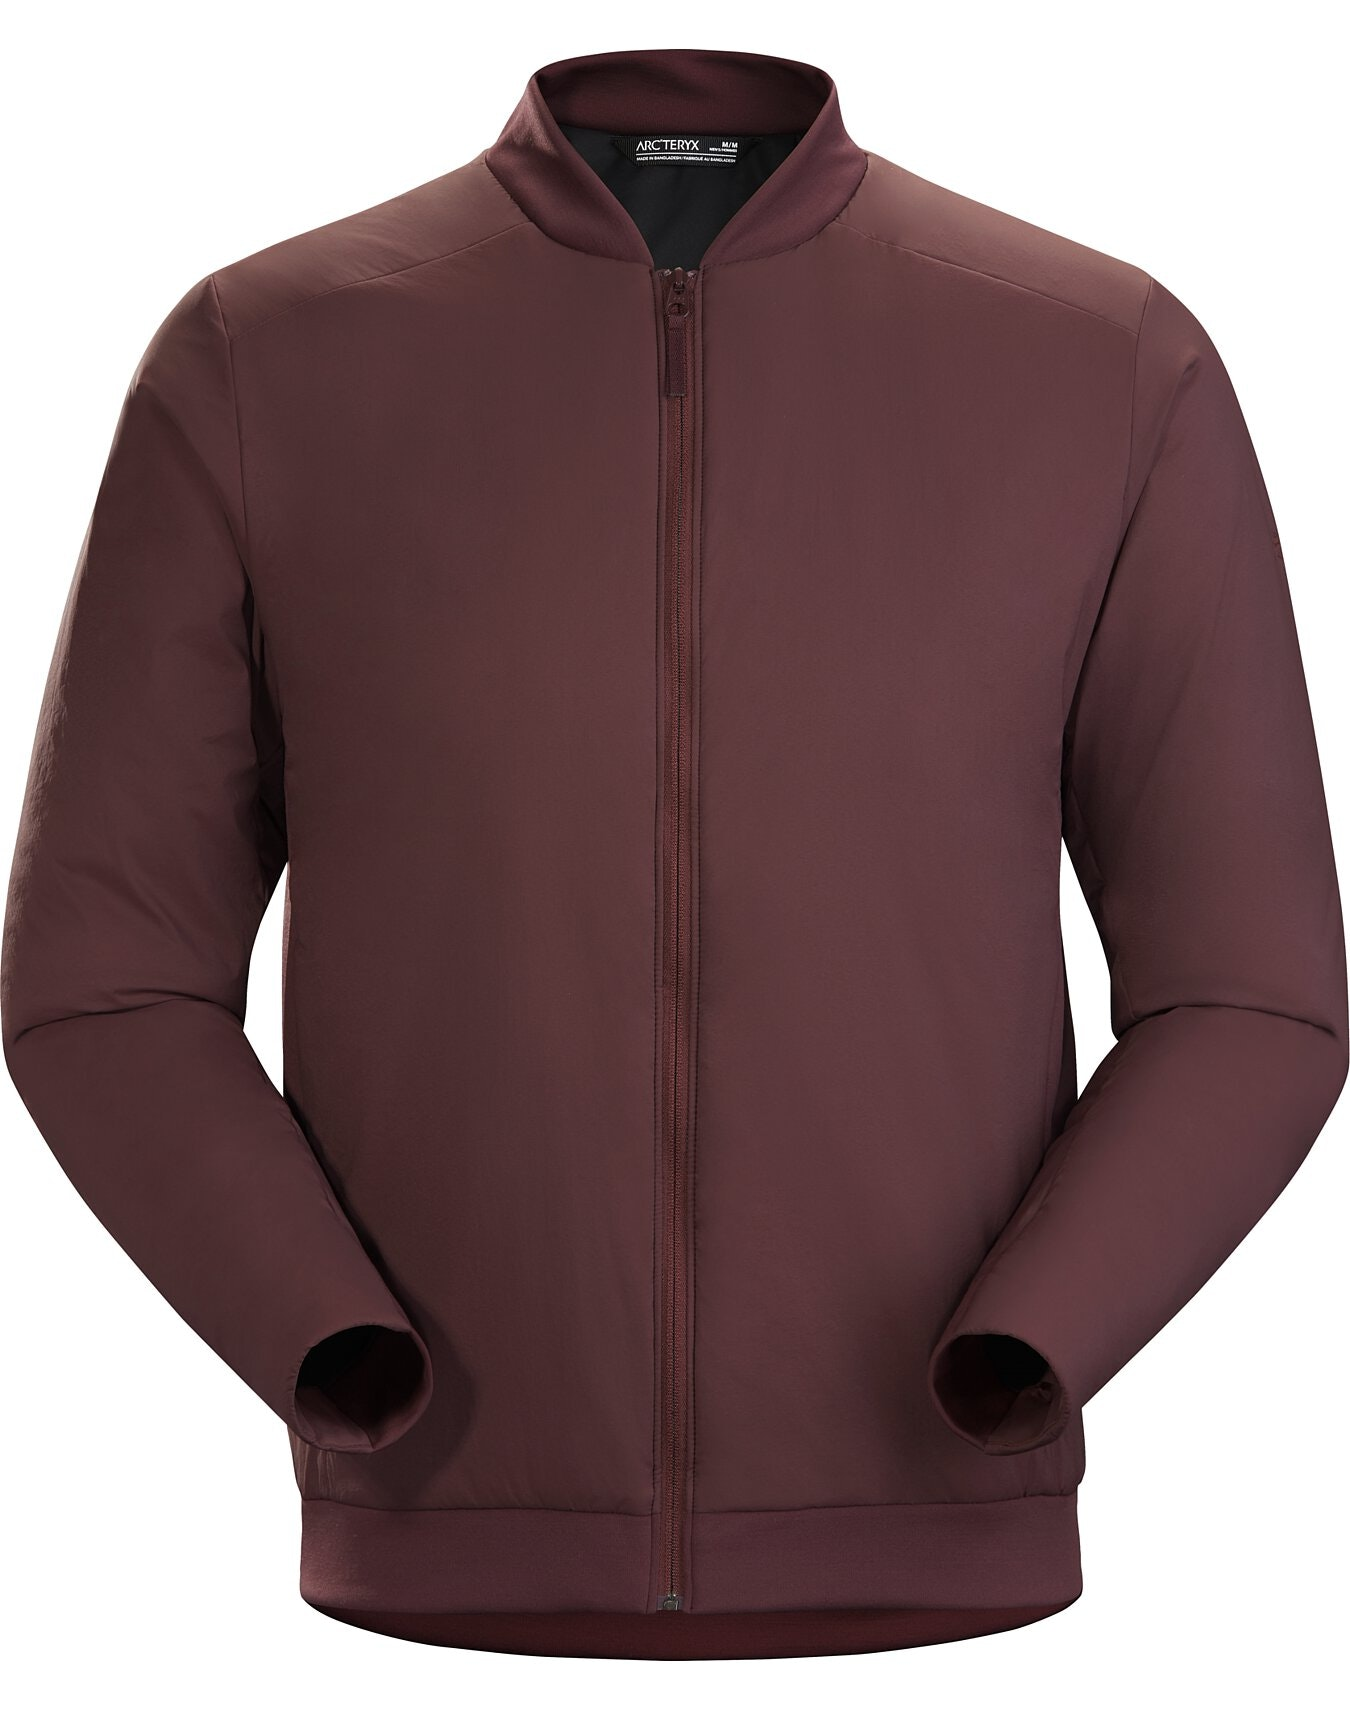 Size Large Vintage West49 14 Zip Mens Lighweight Jacket